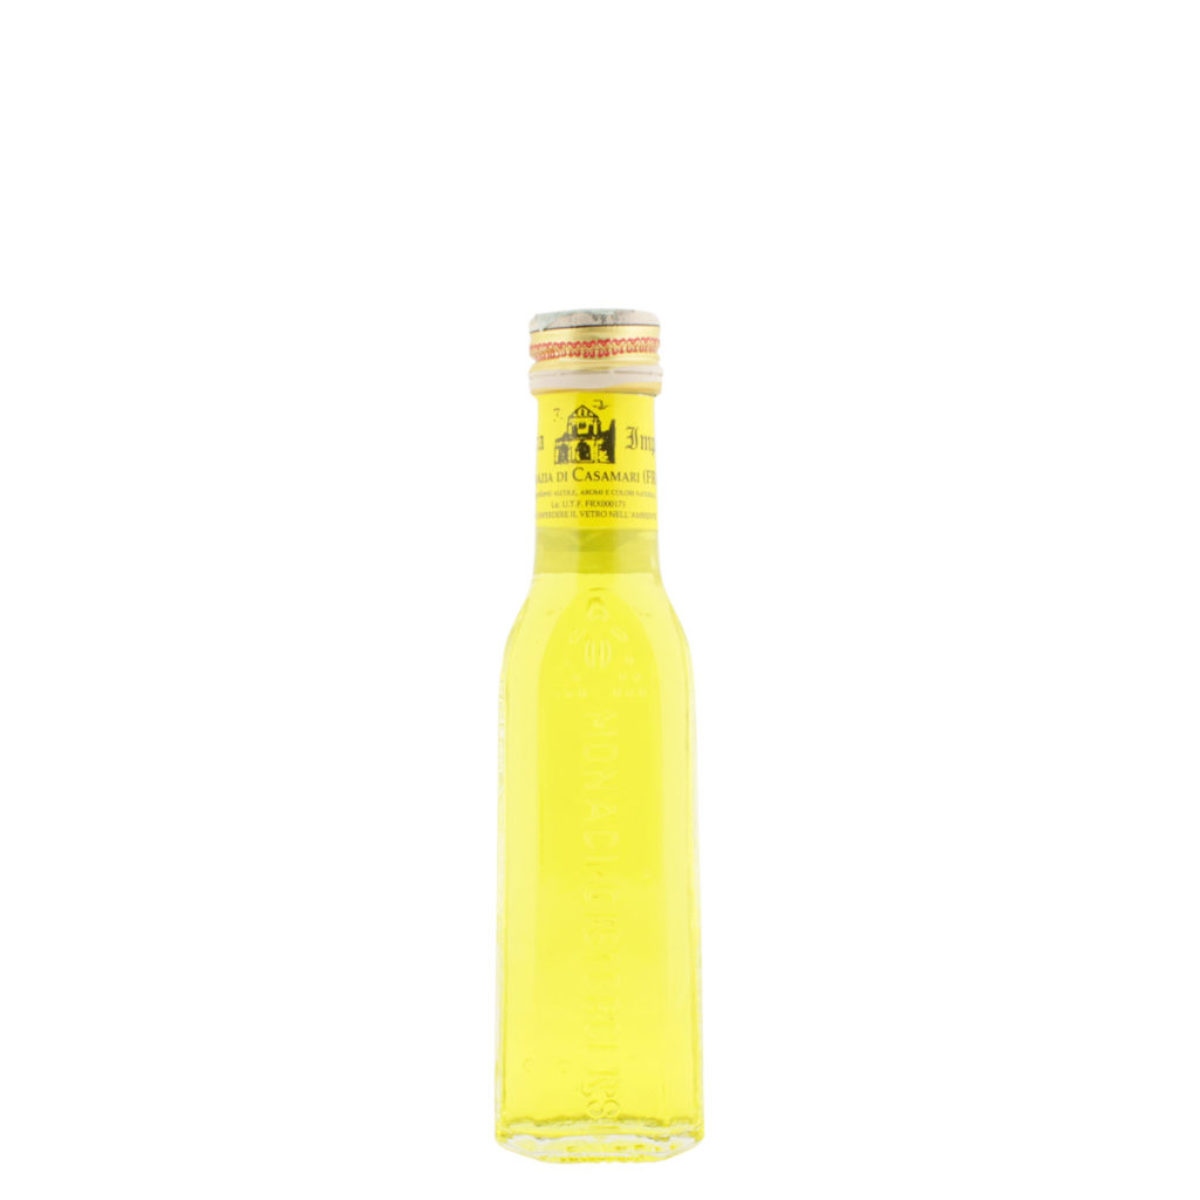 Gocce Imperiali | Tintura Imperiale bottiglia piccola 10cl